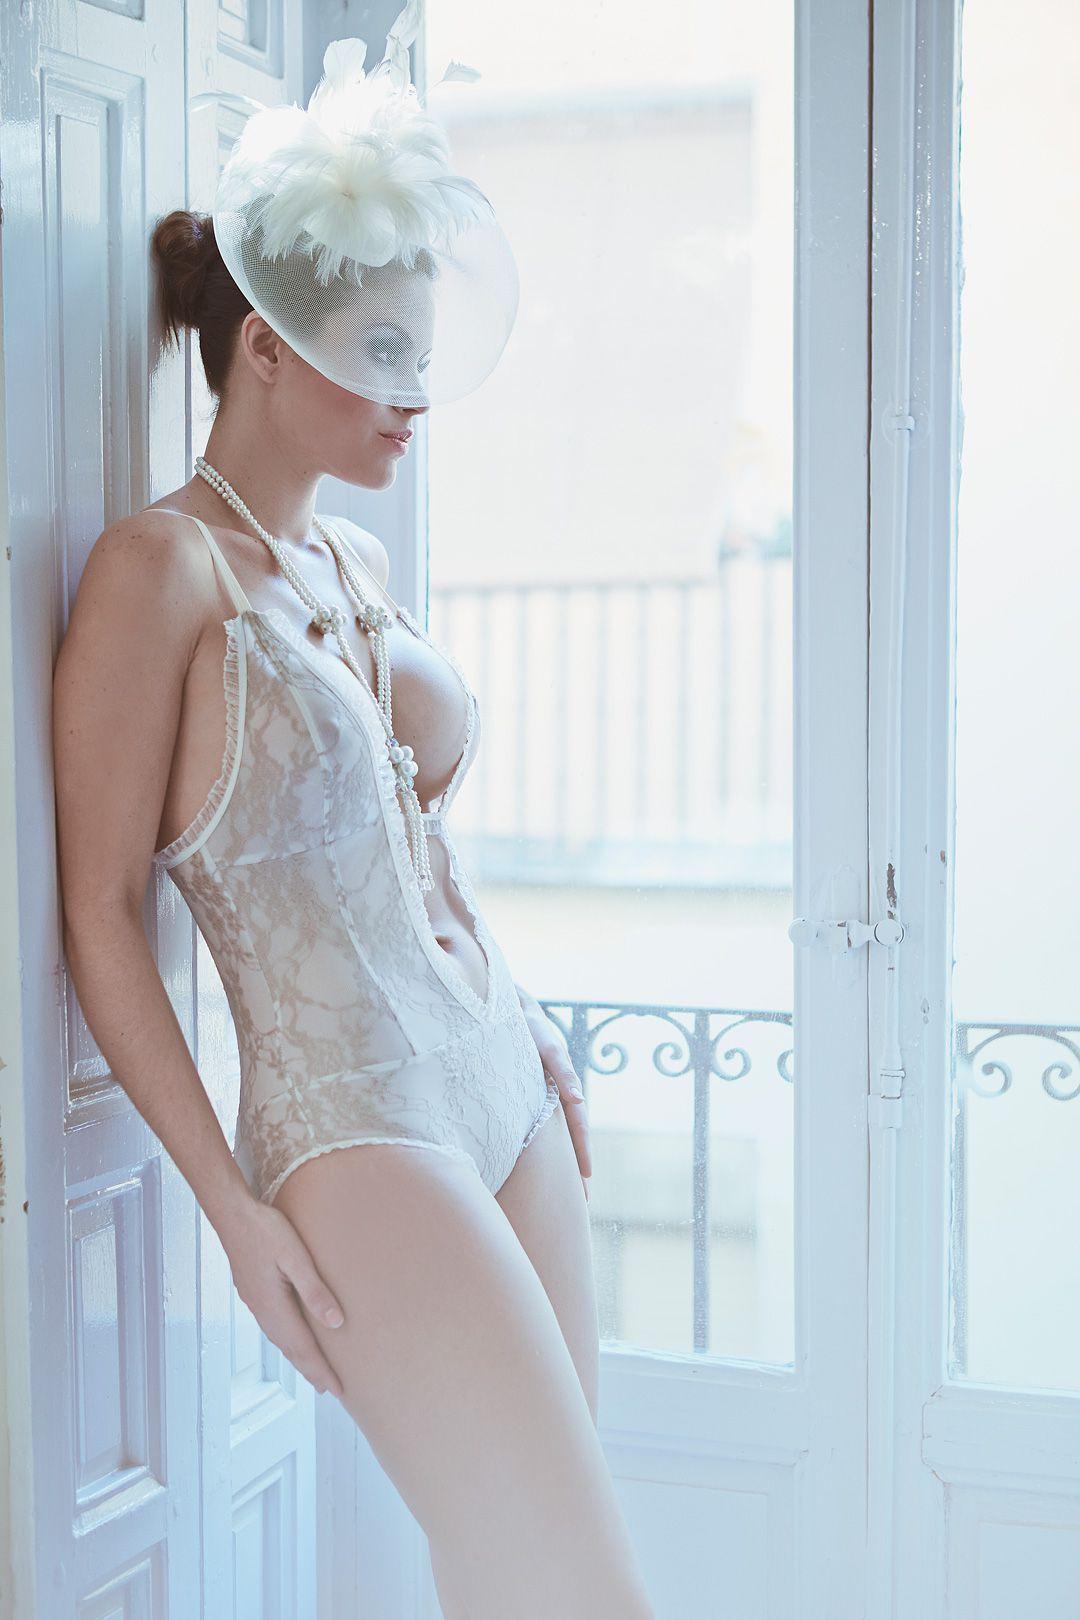 fotos boudoir en domicilio y apartamento de modelo profesional sensual madrid Rocío Z 66 jpg